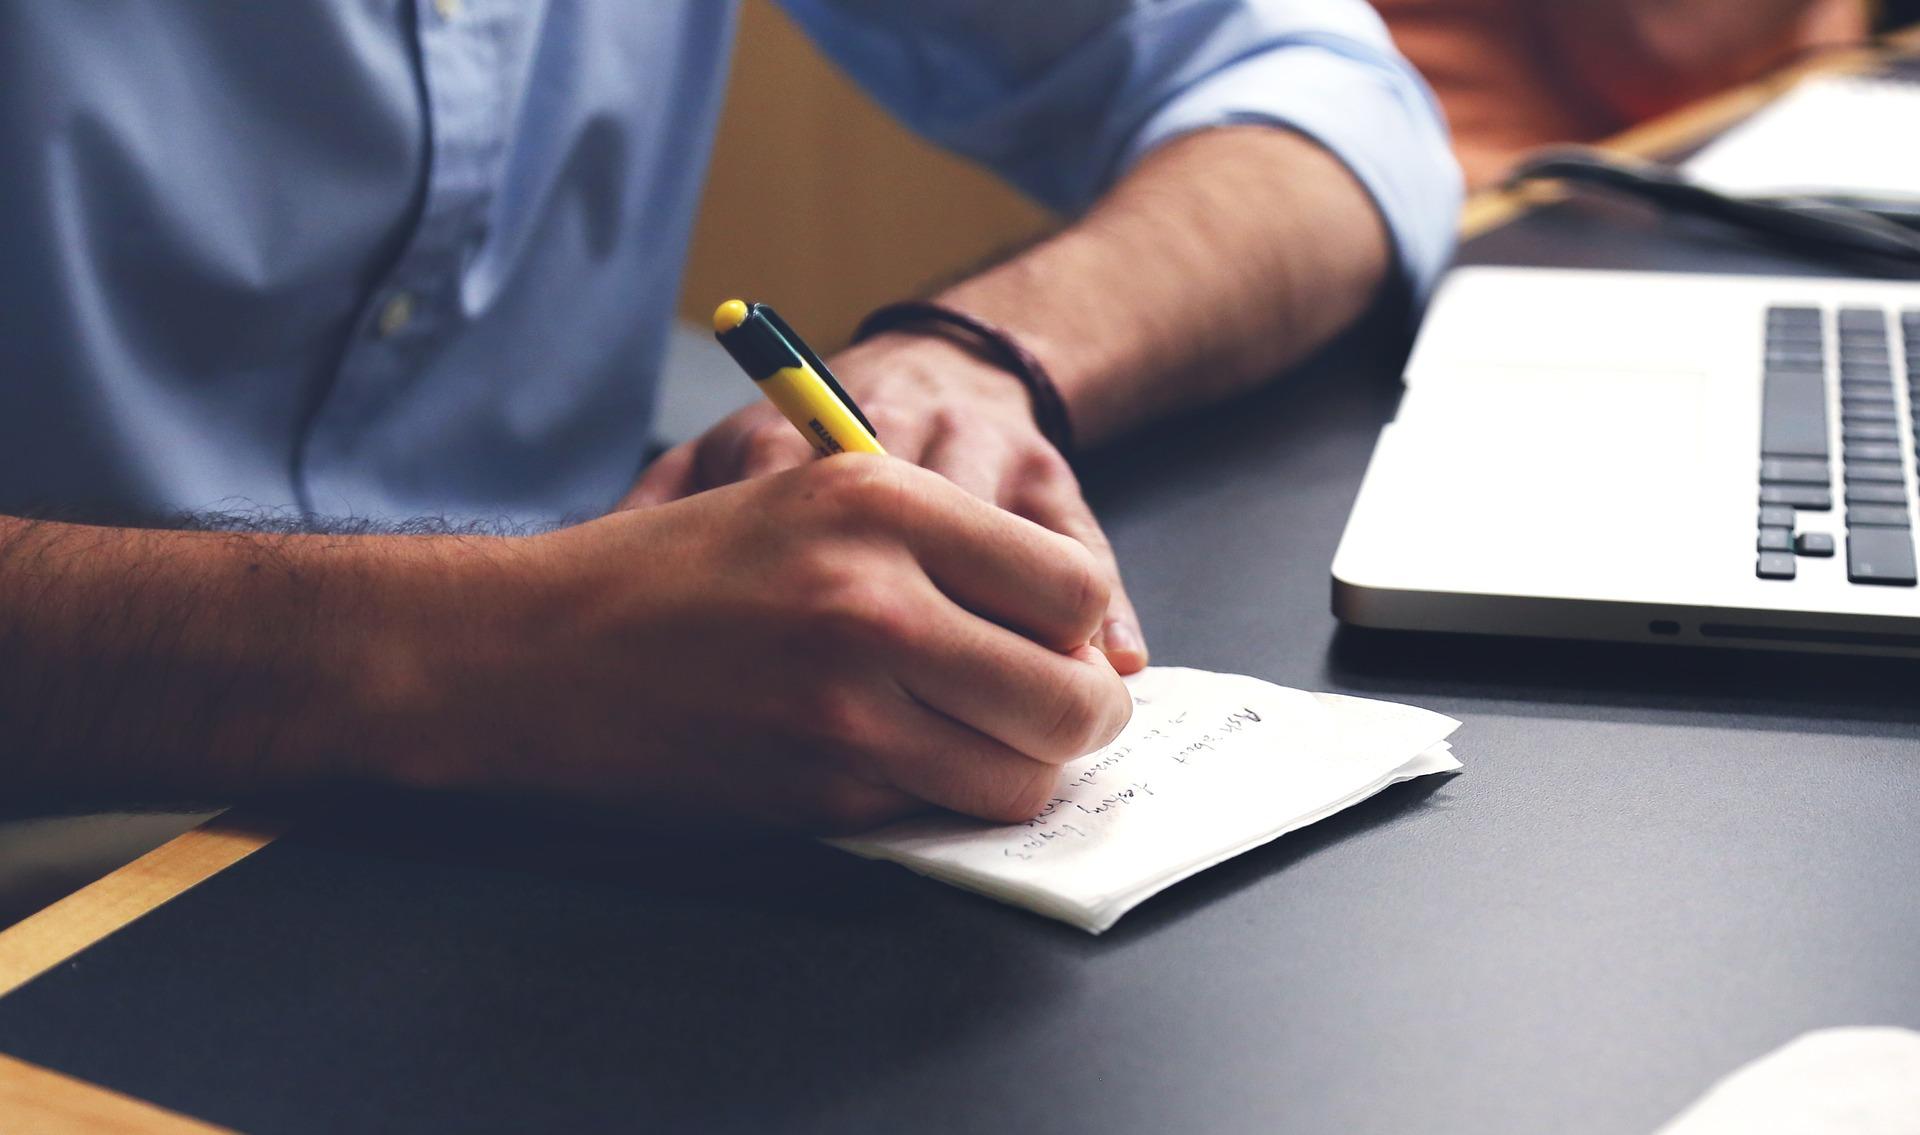 erfolgreich-verhandeln-richtig-verhandeln-verhandlung-verhandlungstechniken-ulrike-knauer-verhandlungsseminar-vorbereitung-team-taktik-kommunikation-dokumentieren